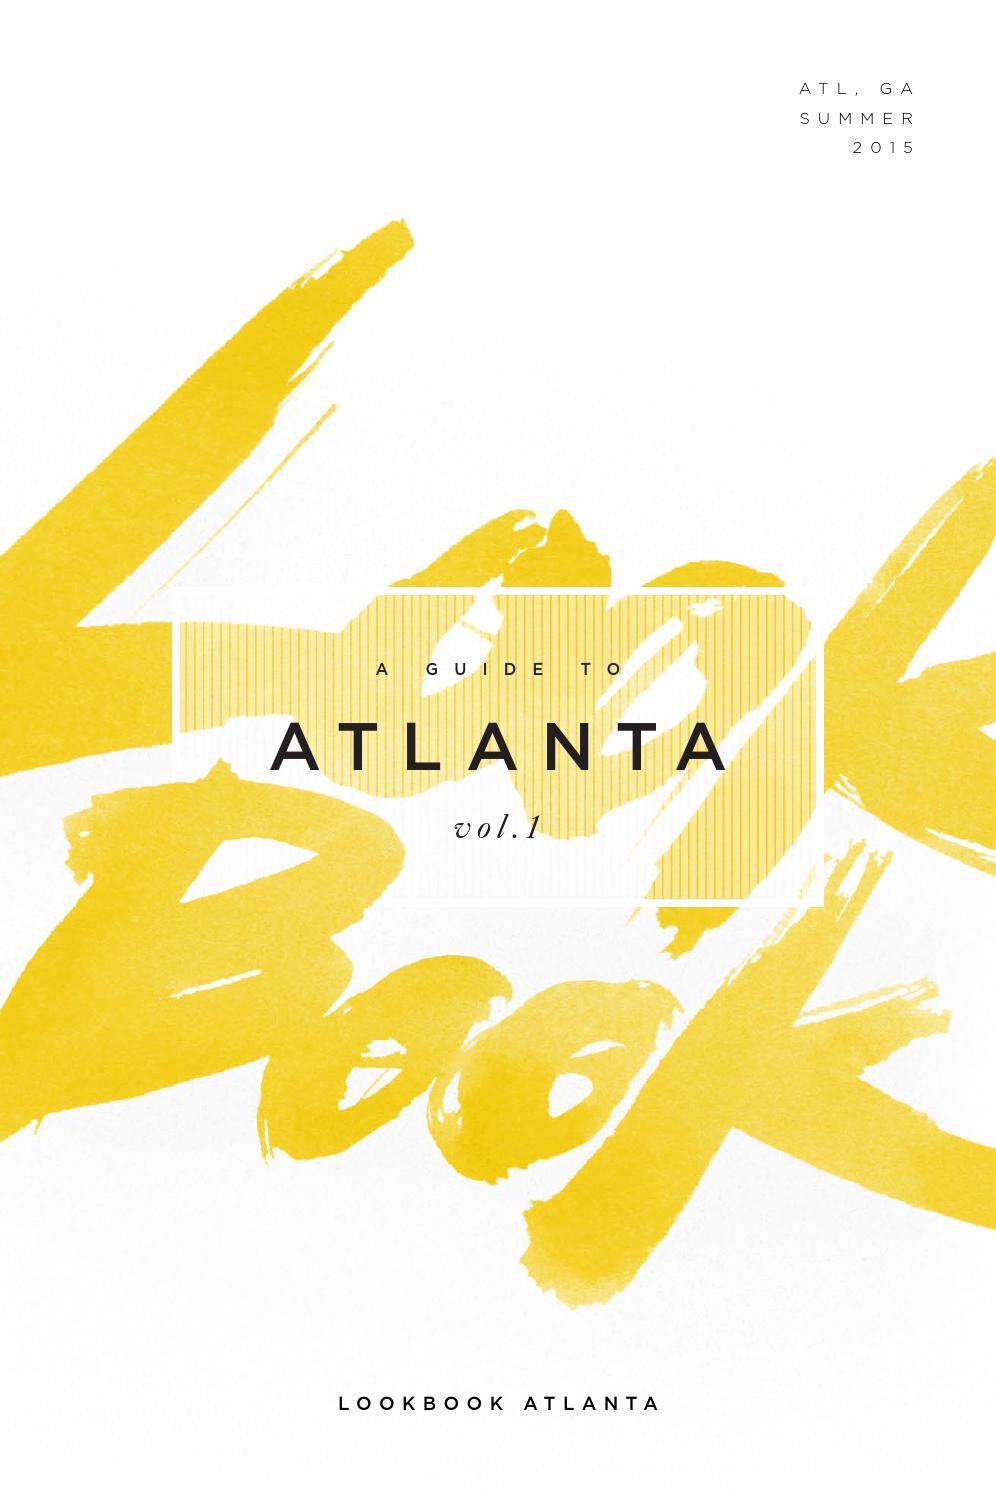 Lookbook Atlanta Vol 1 By Eide Magazine Issuu